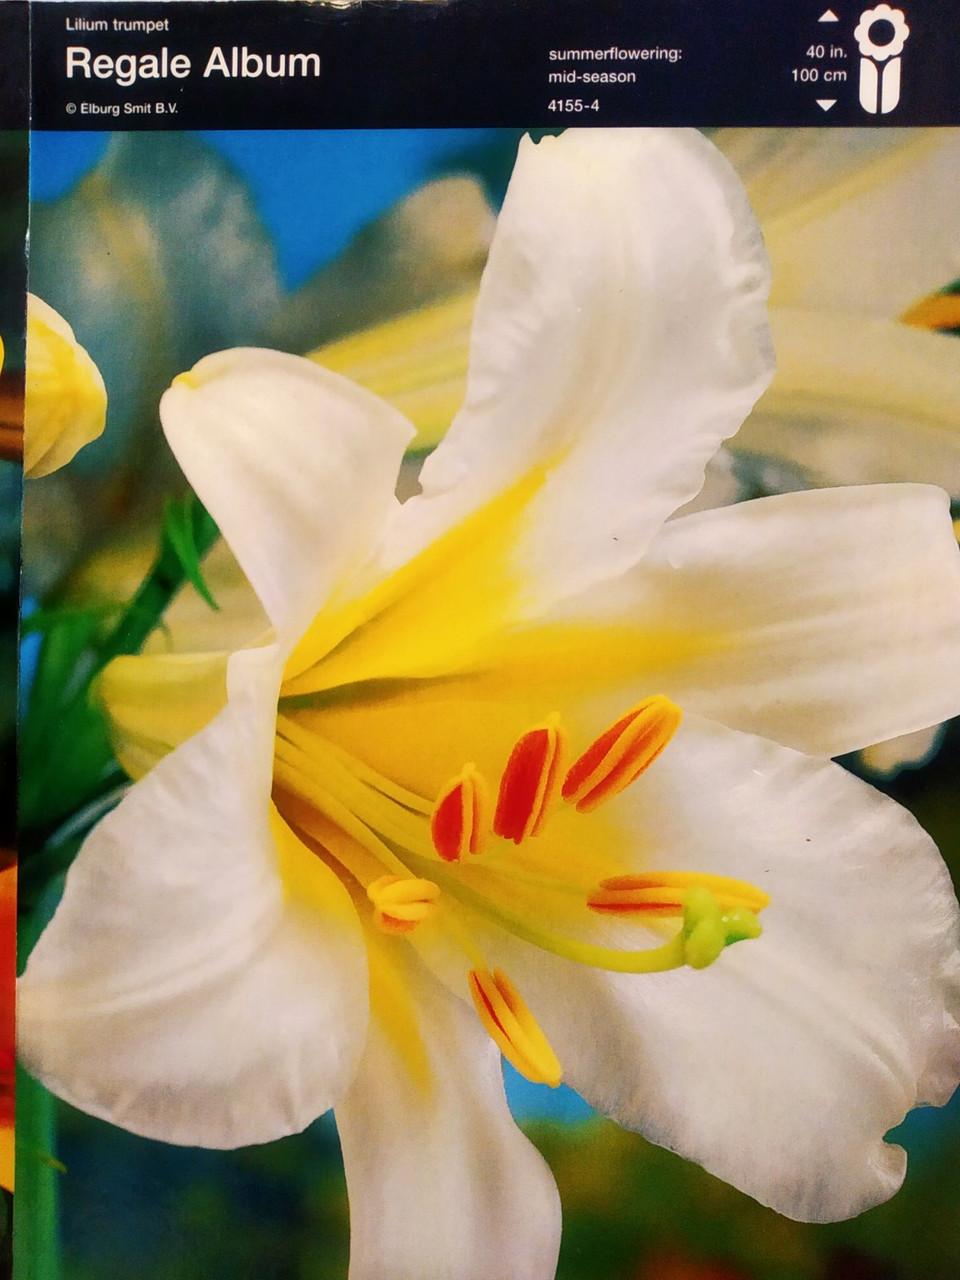 """Луковица Лилия трубчатая  белая Lilium trumpet Regale Album, 1 шт оригинал маточник, """"Junior"""", Голландия"""